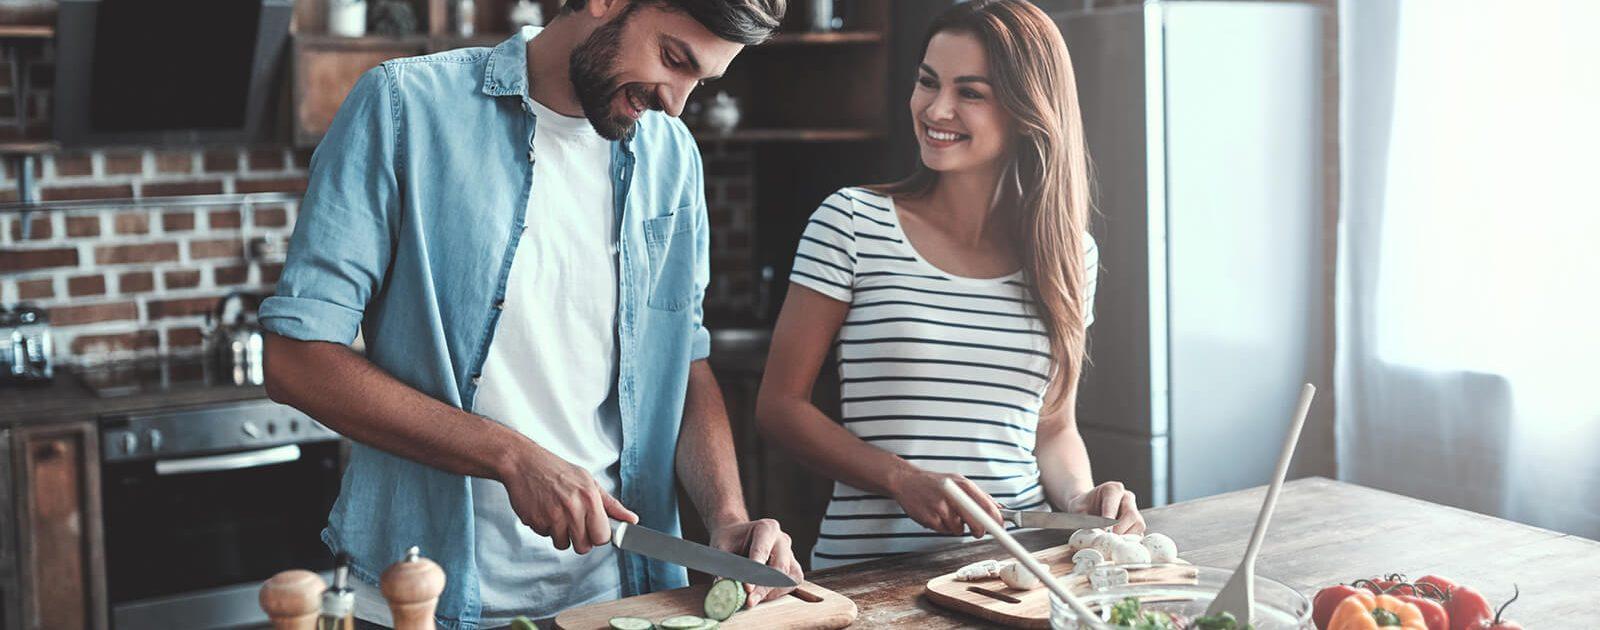 Ein Paar bereitet Gemüse zu: Als Vegetarier oder Veganer sollte auf ausreichend Vitamin B12 geachtet werden.